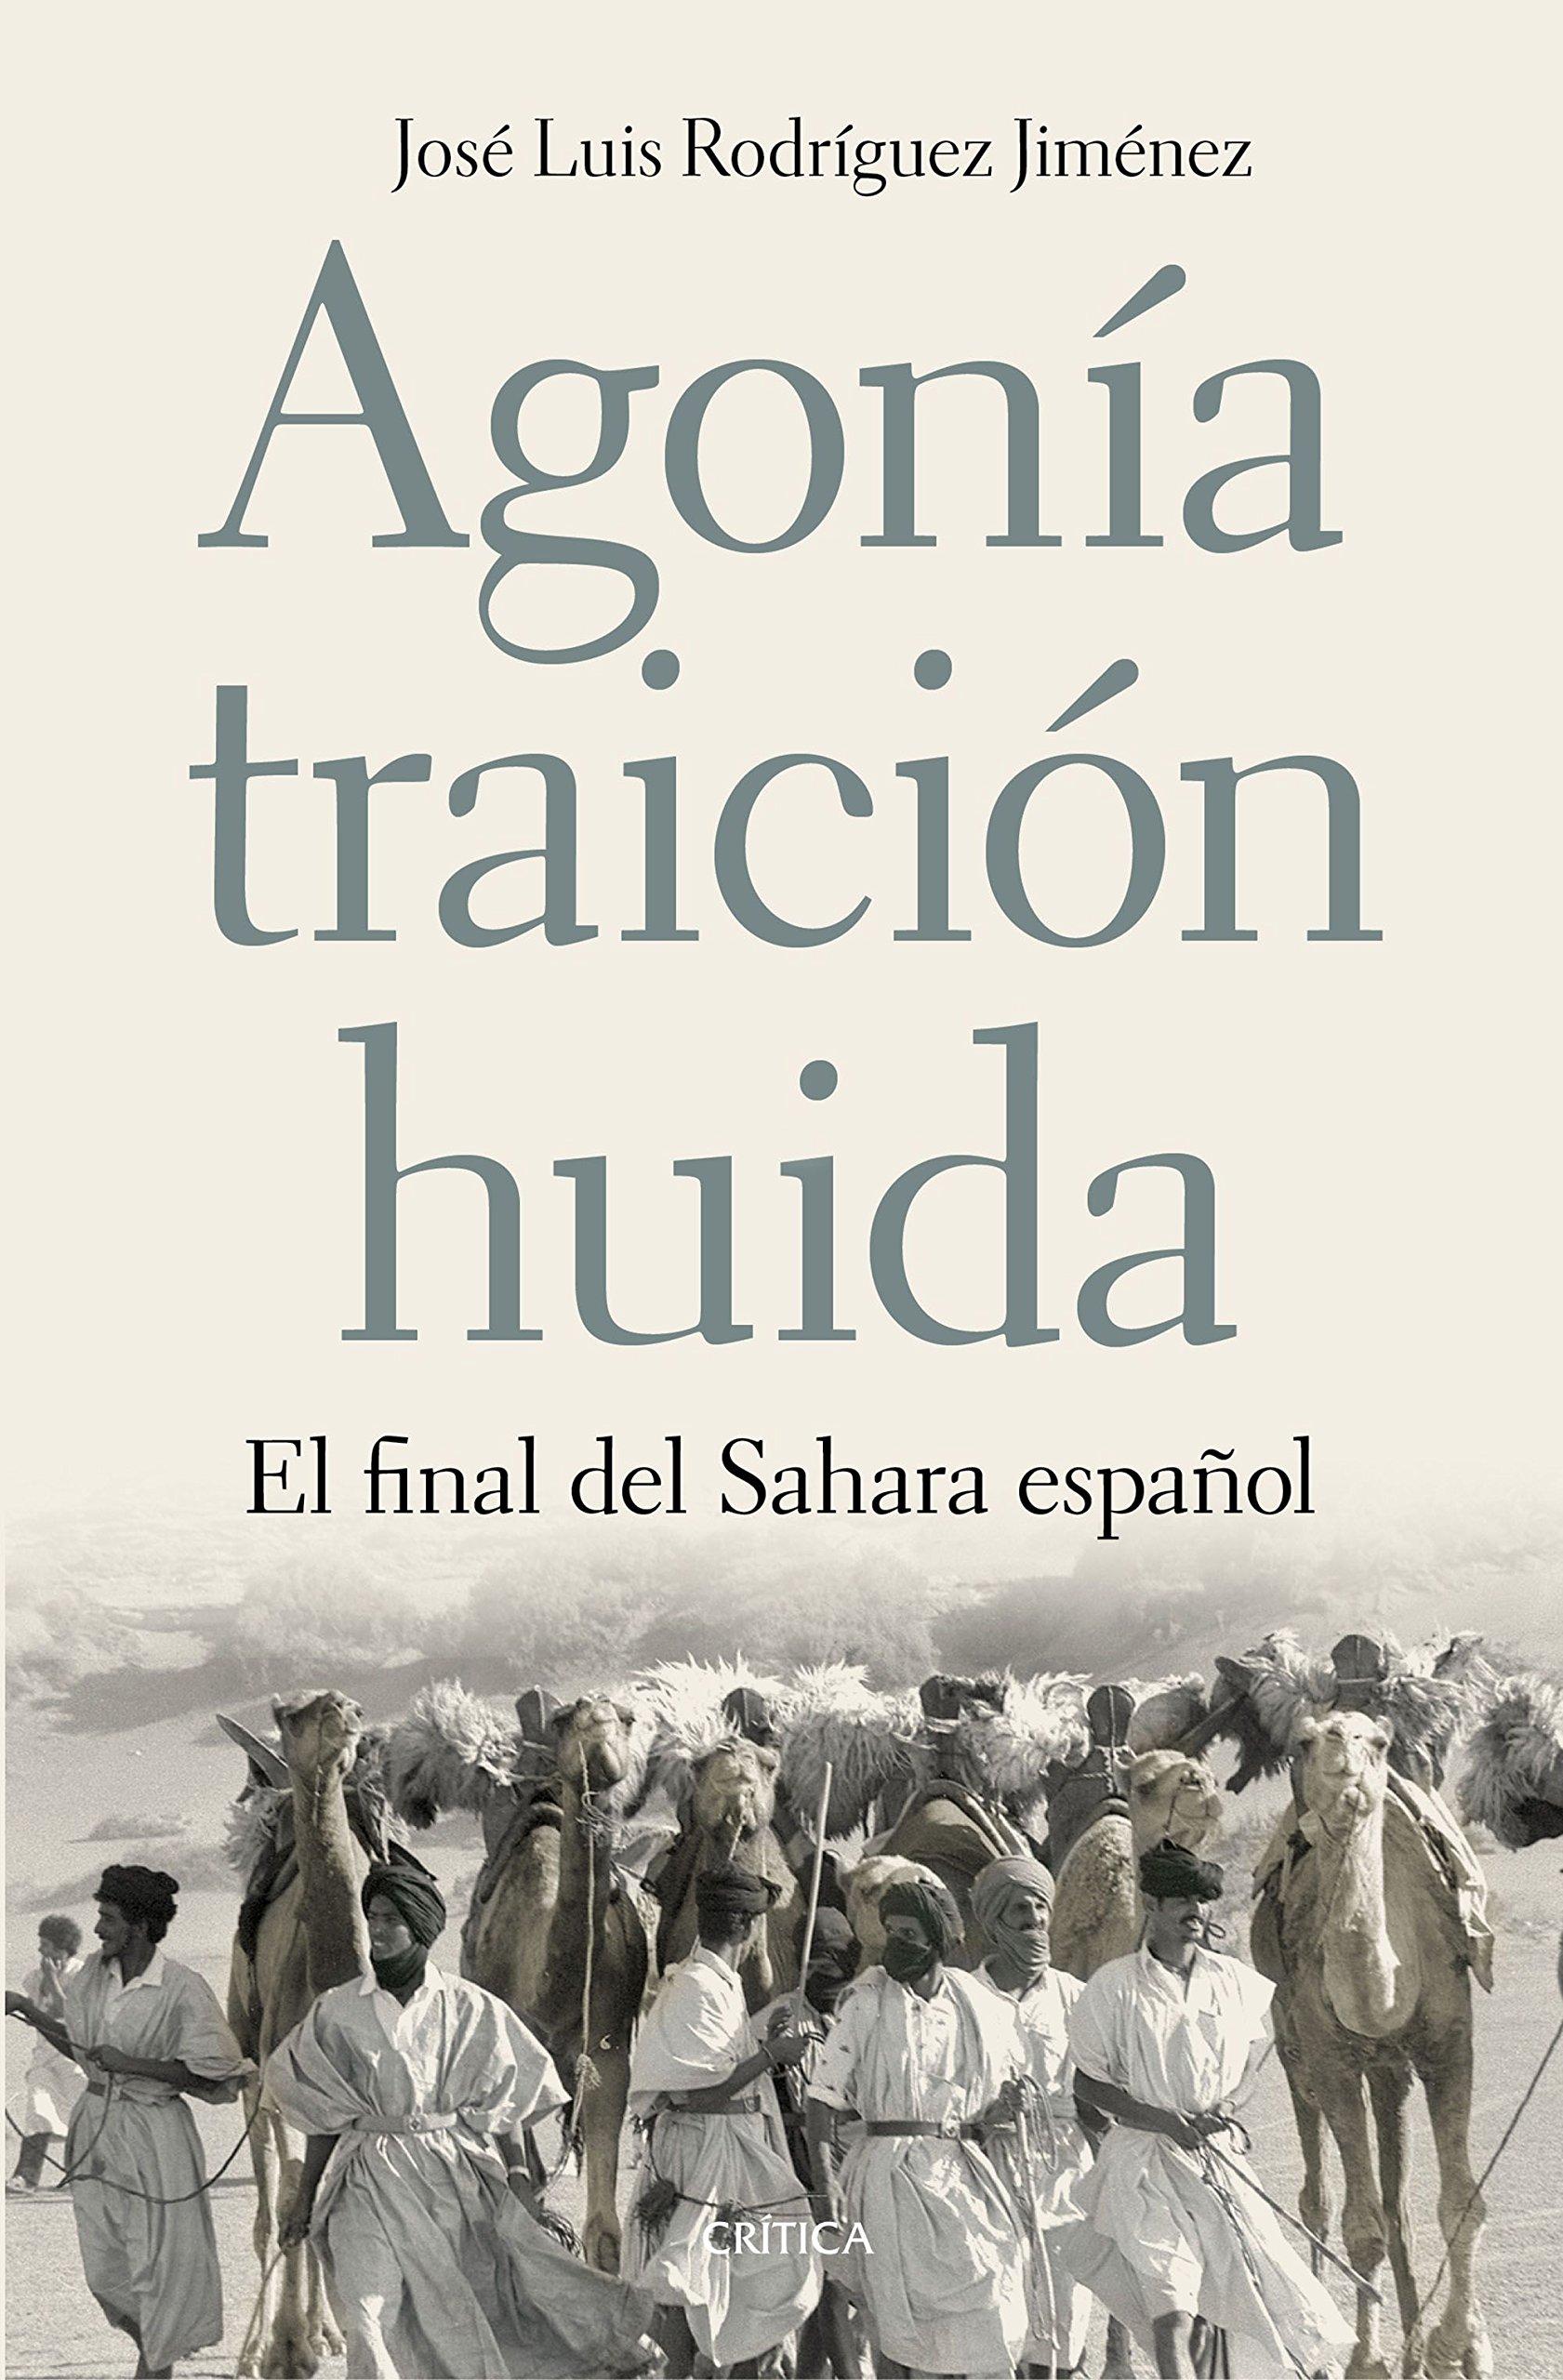 Agonía, traición, huida: El final del Sahara español Contrastes: Amazon.es: José Luis Rodríguez Jiménez: Libros